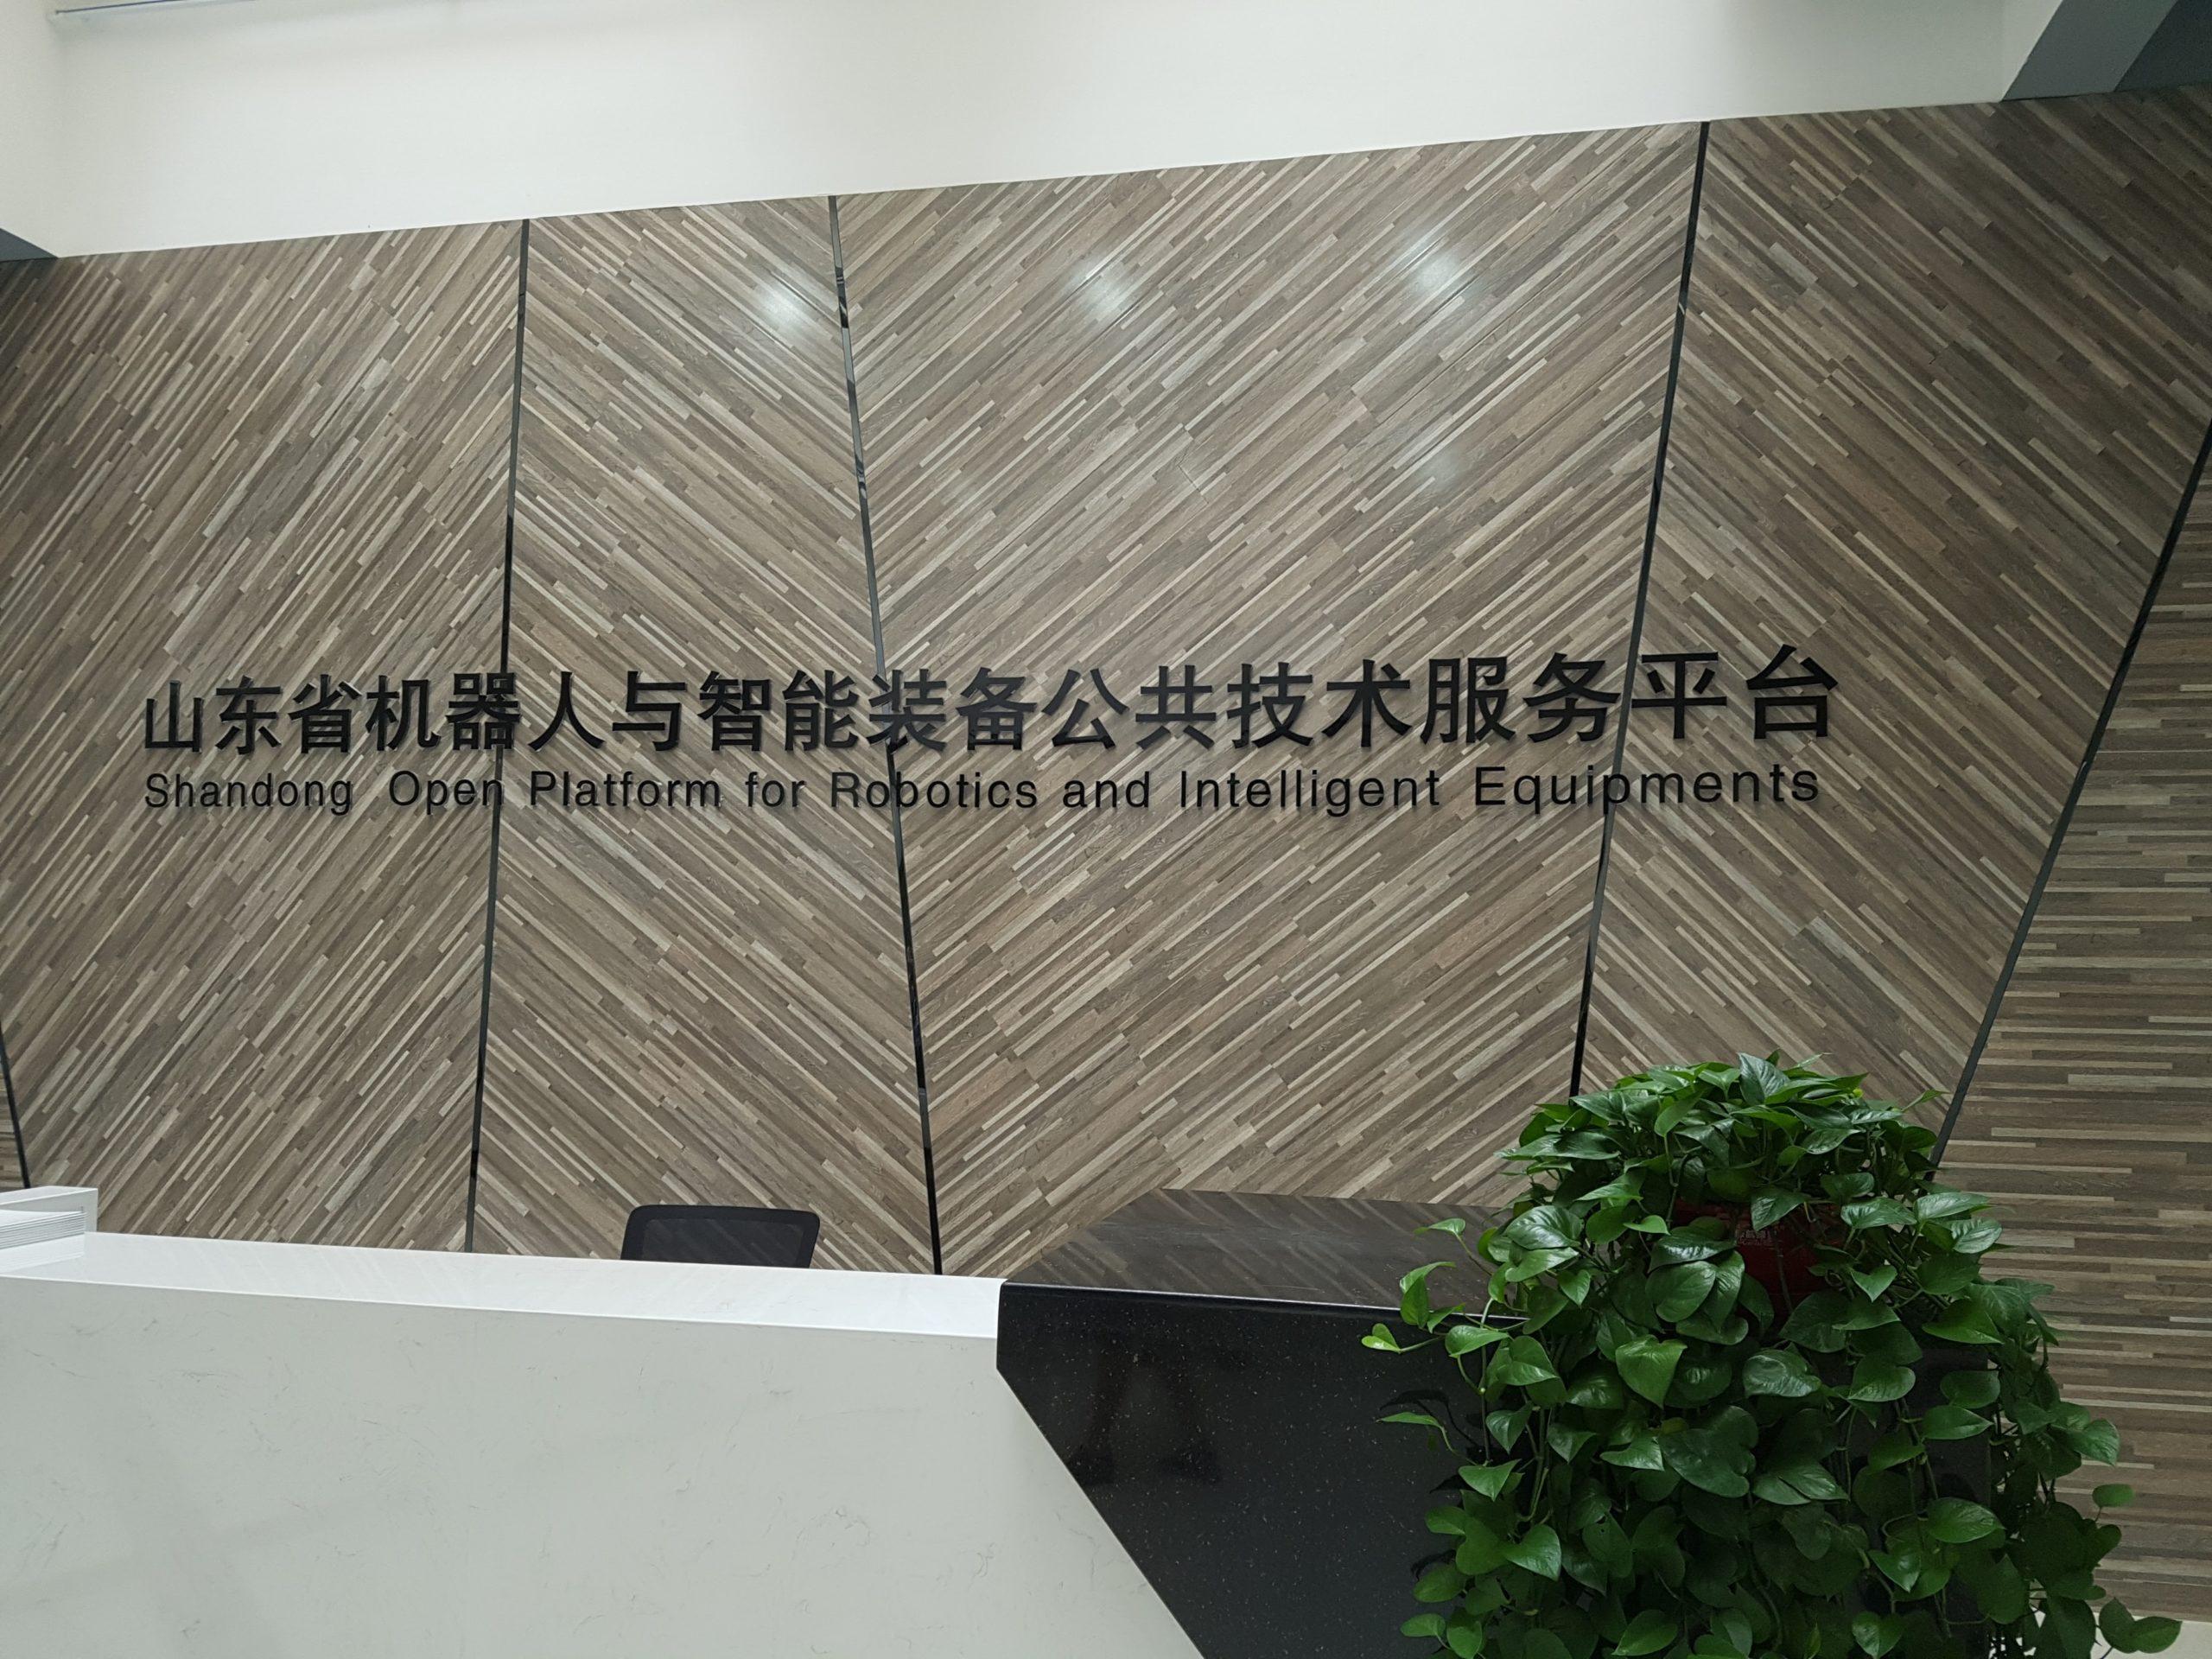 Shandong Open Plattform for Robotics and Intelligent Equipments